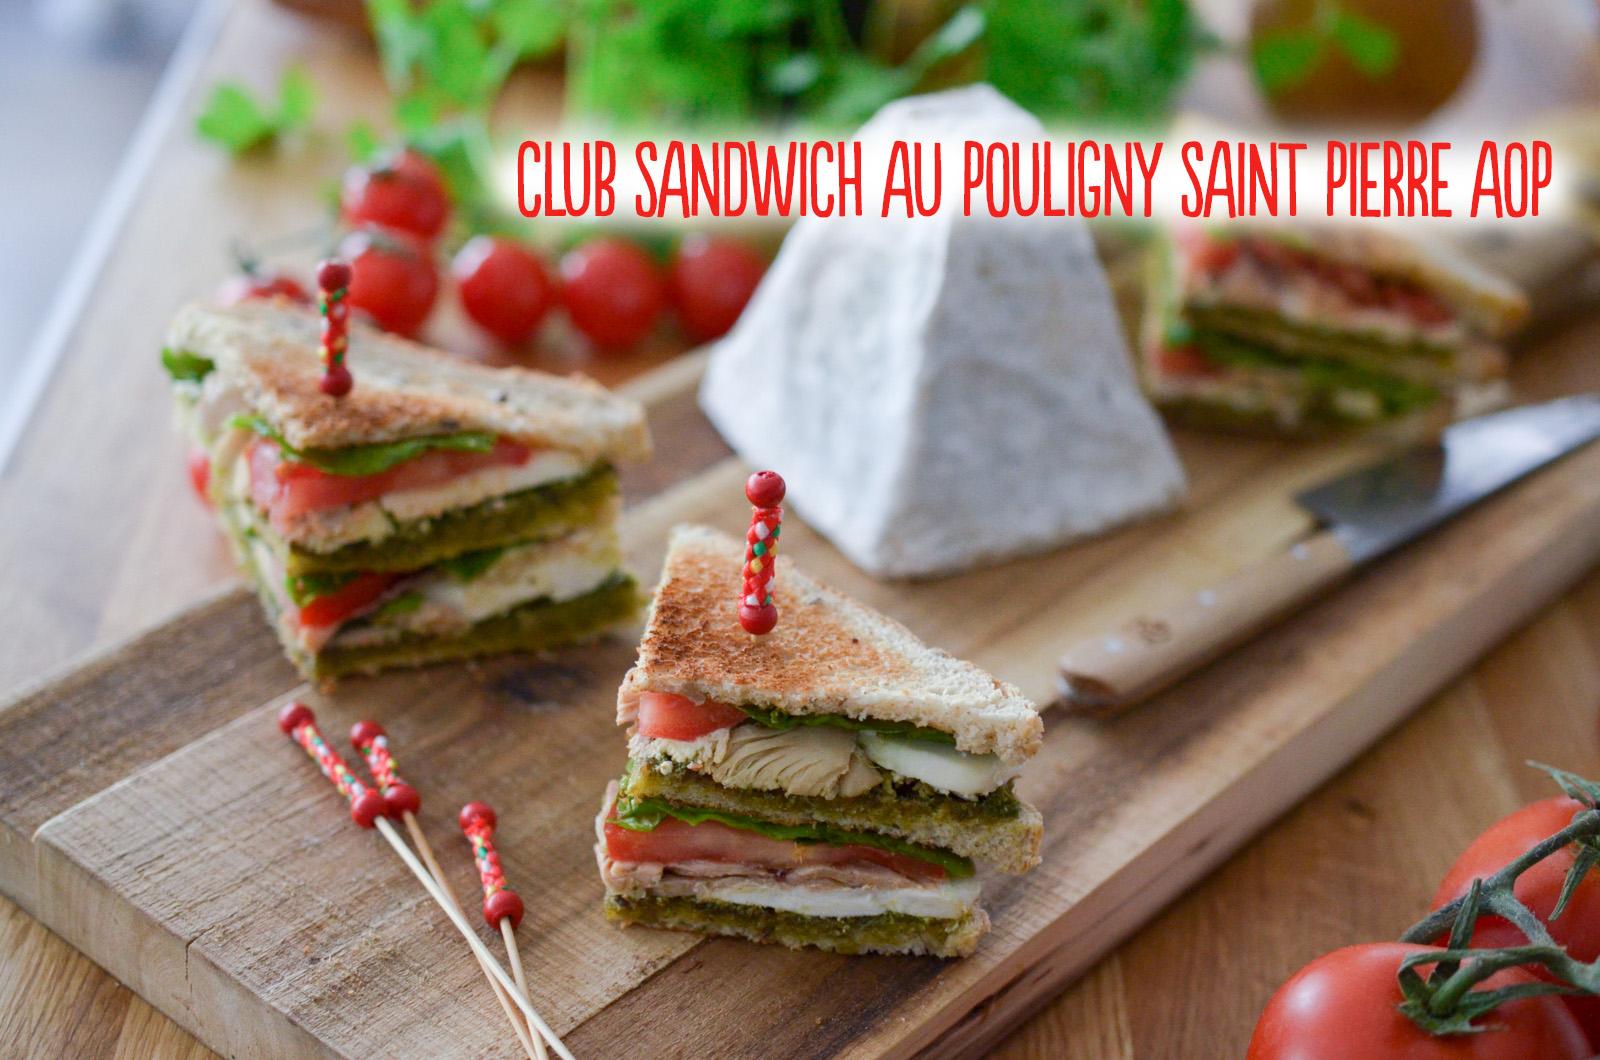 Club sandwich au Pouligny Saint Pierre AOP